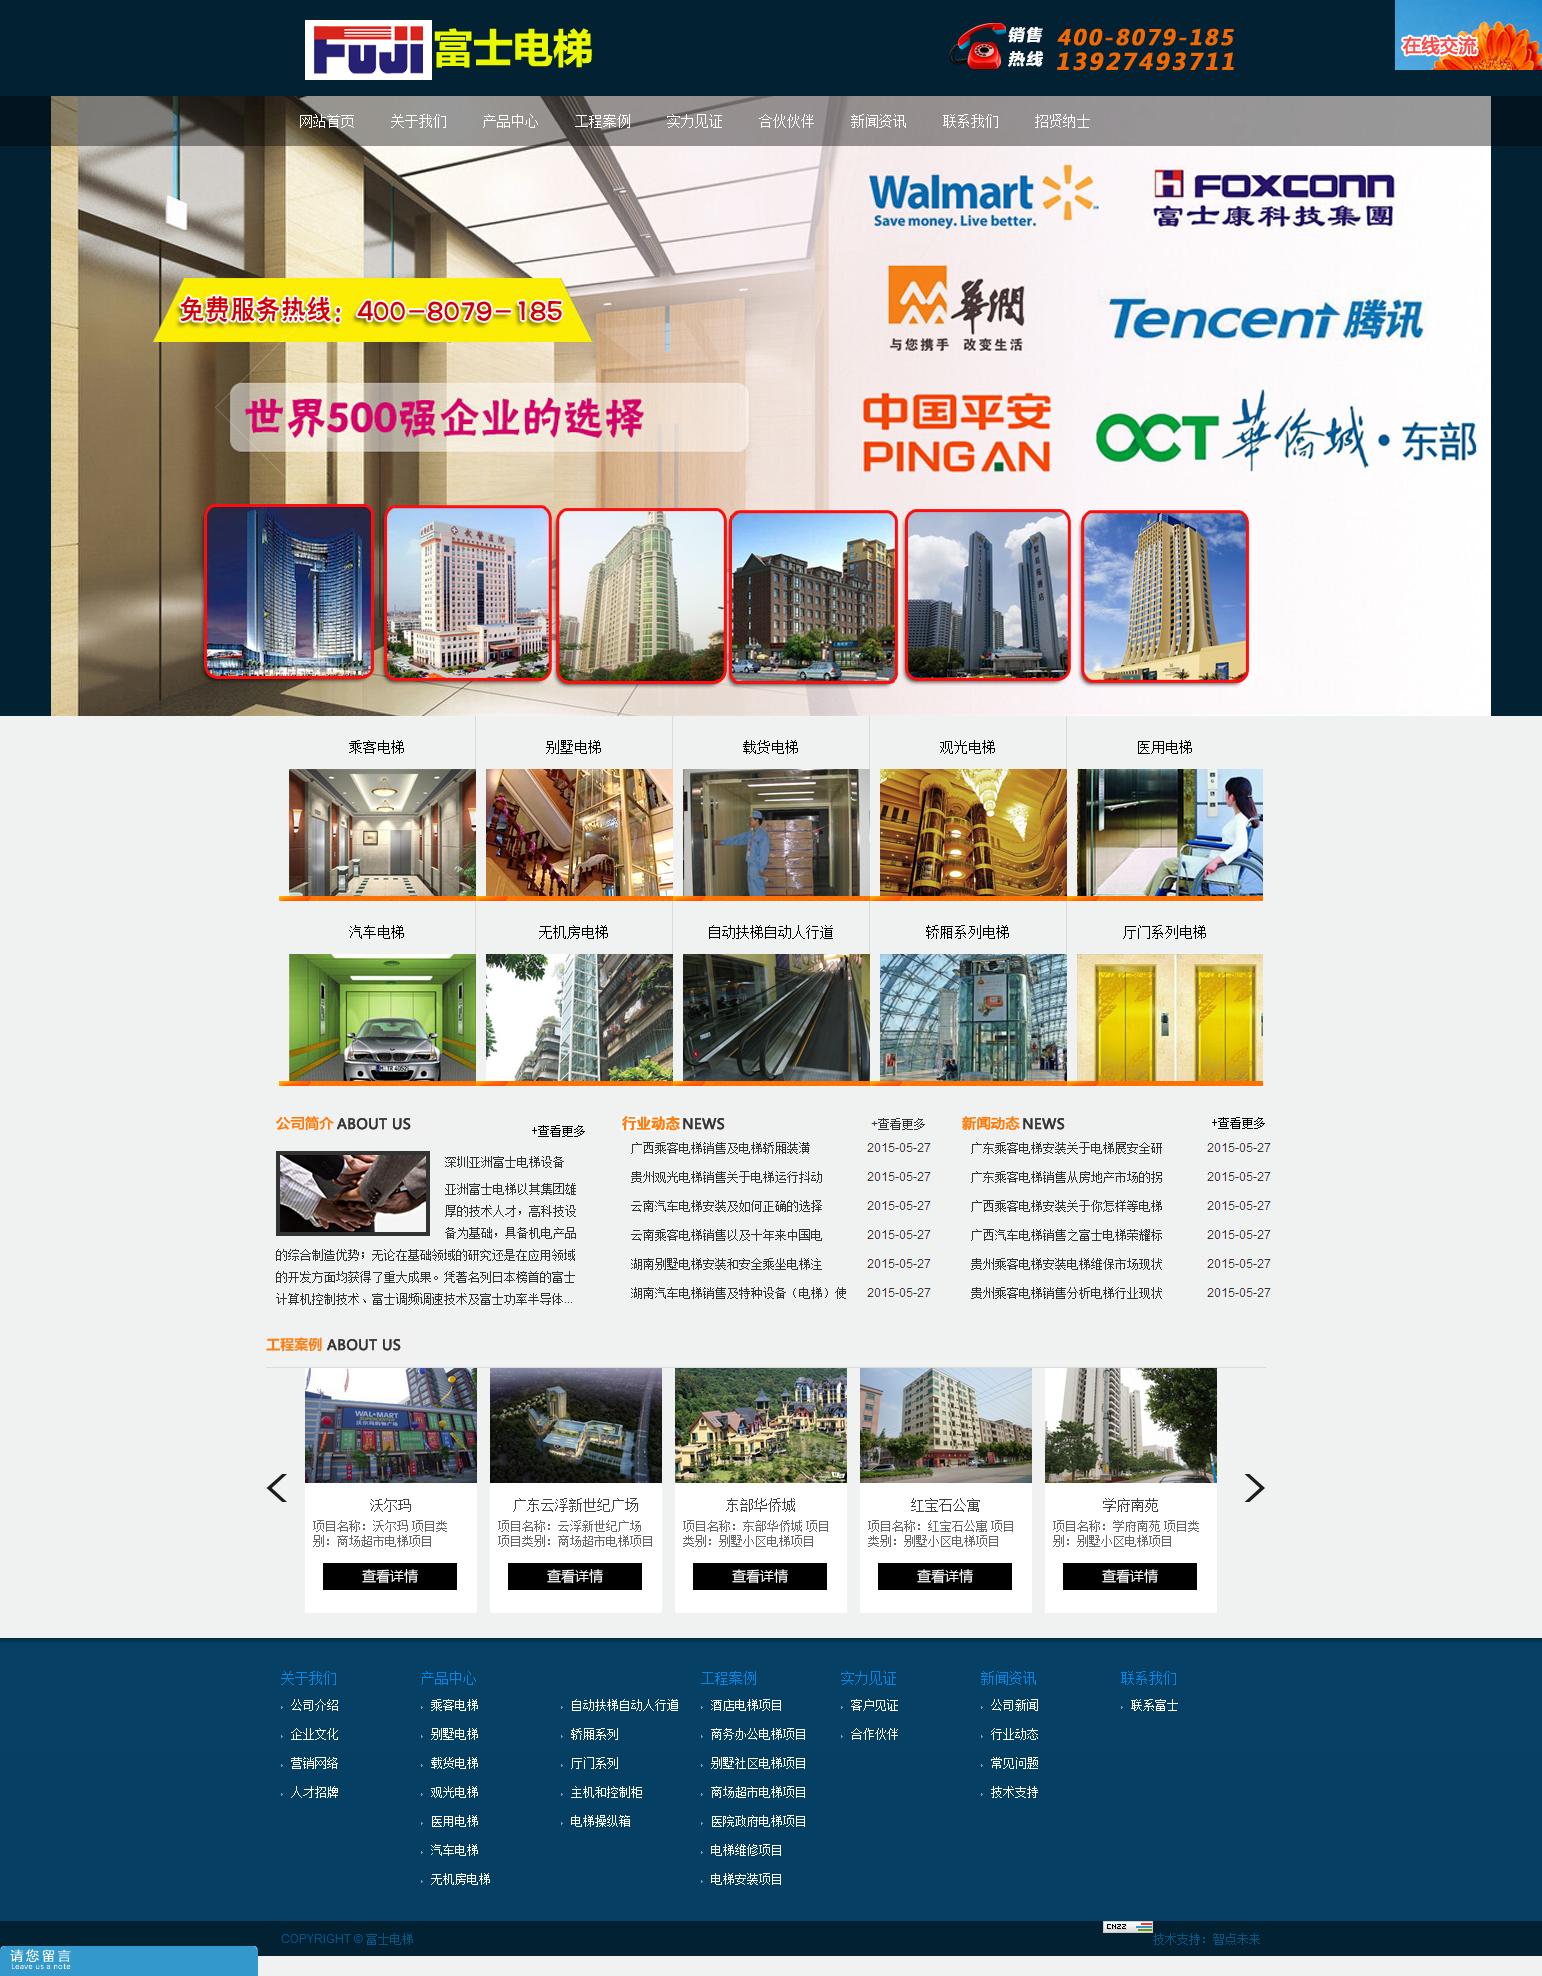 深圳亚洲富士电梯设备有限公司.jpg